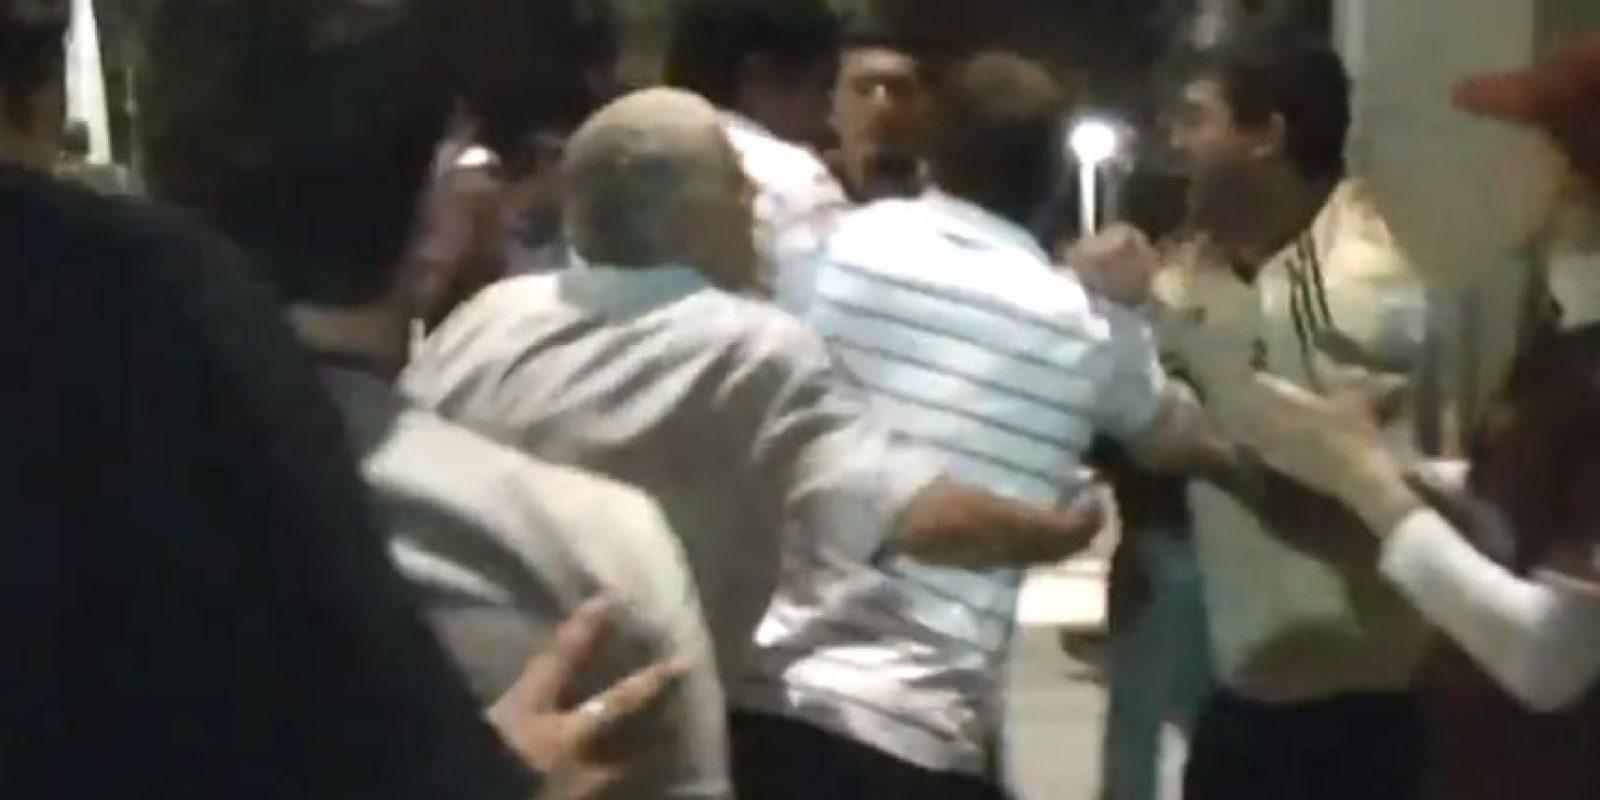 La violencia regresó a los estadios de Argentino luego de una agresión al futbolista Matias Fritzler. Foto:Vía YouTube Diario del Grana